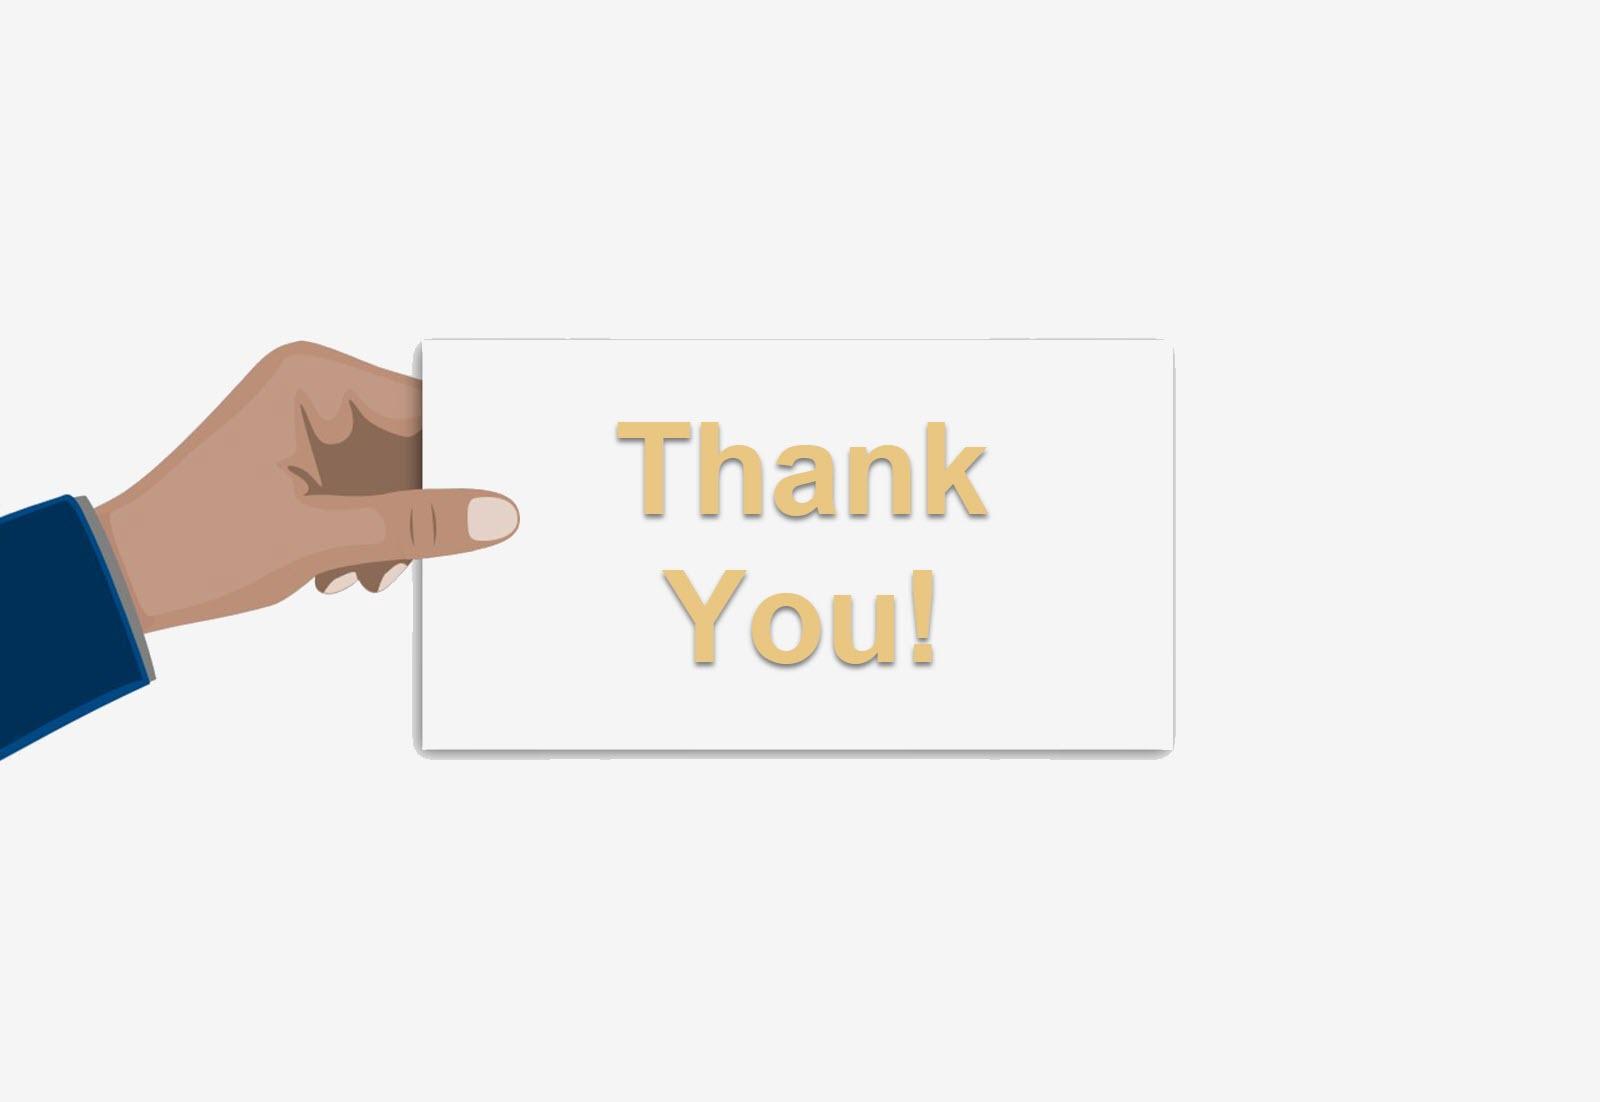 ThuThuatTinHoc - Slide cảm ơn đẹp (28)